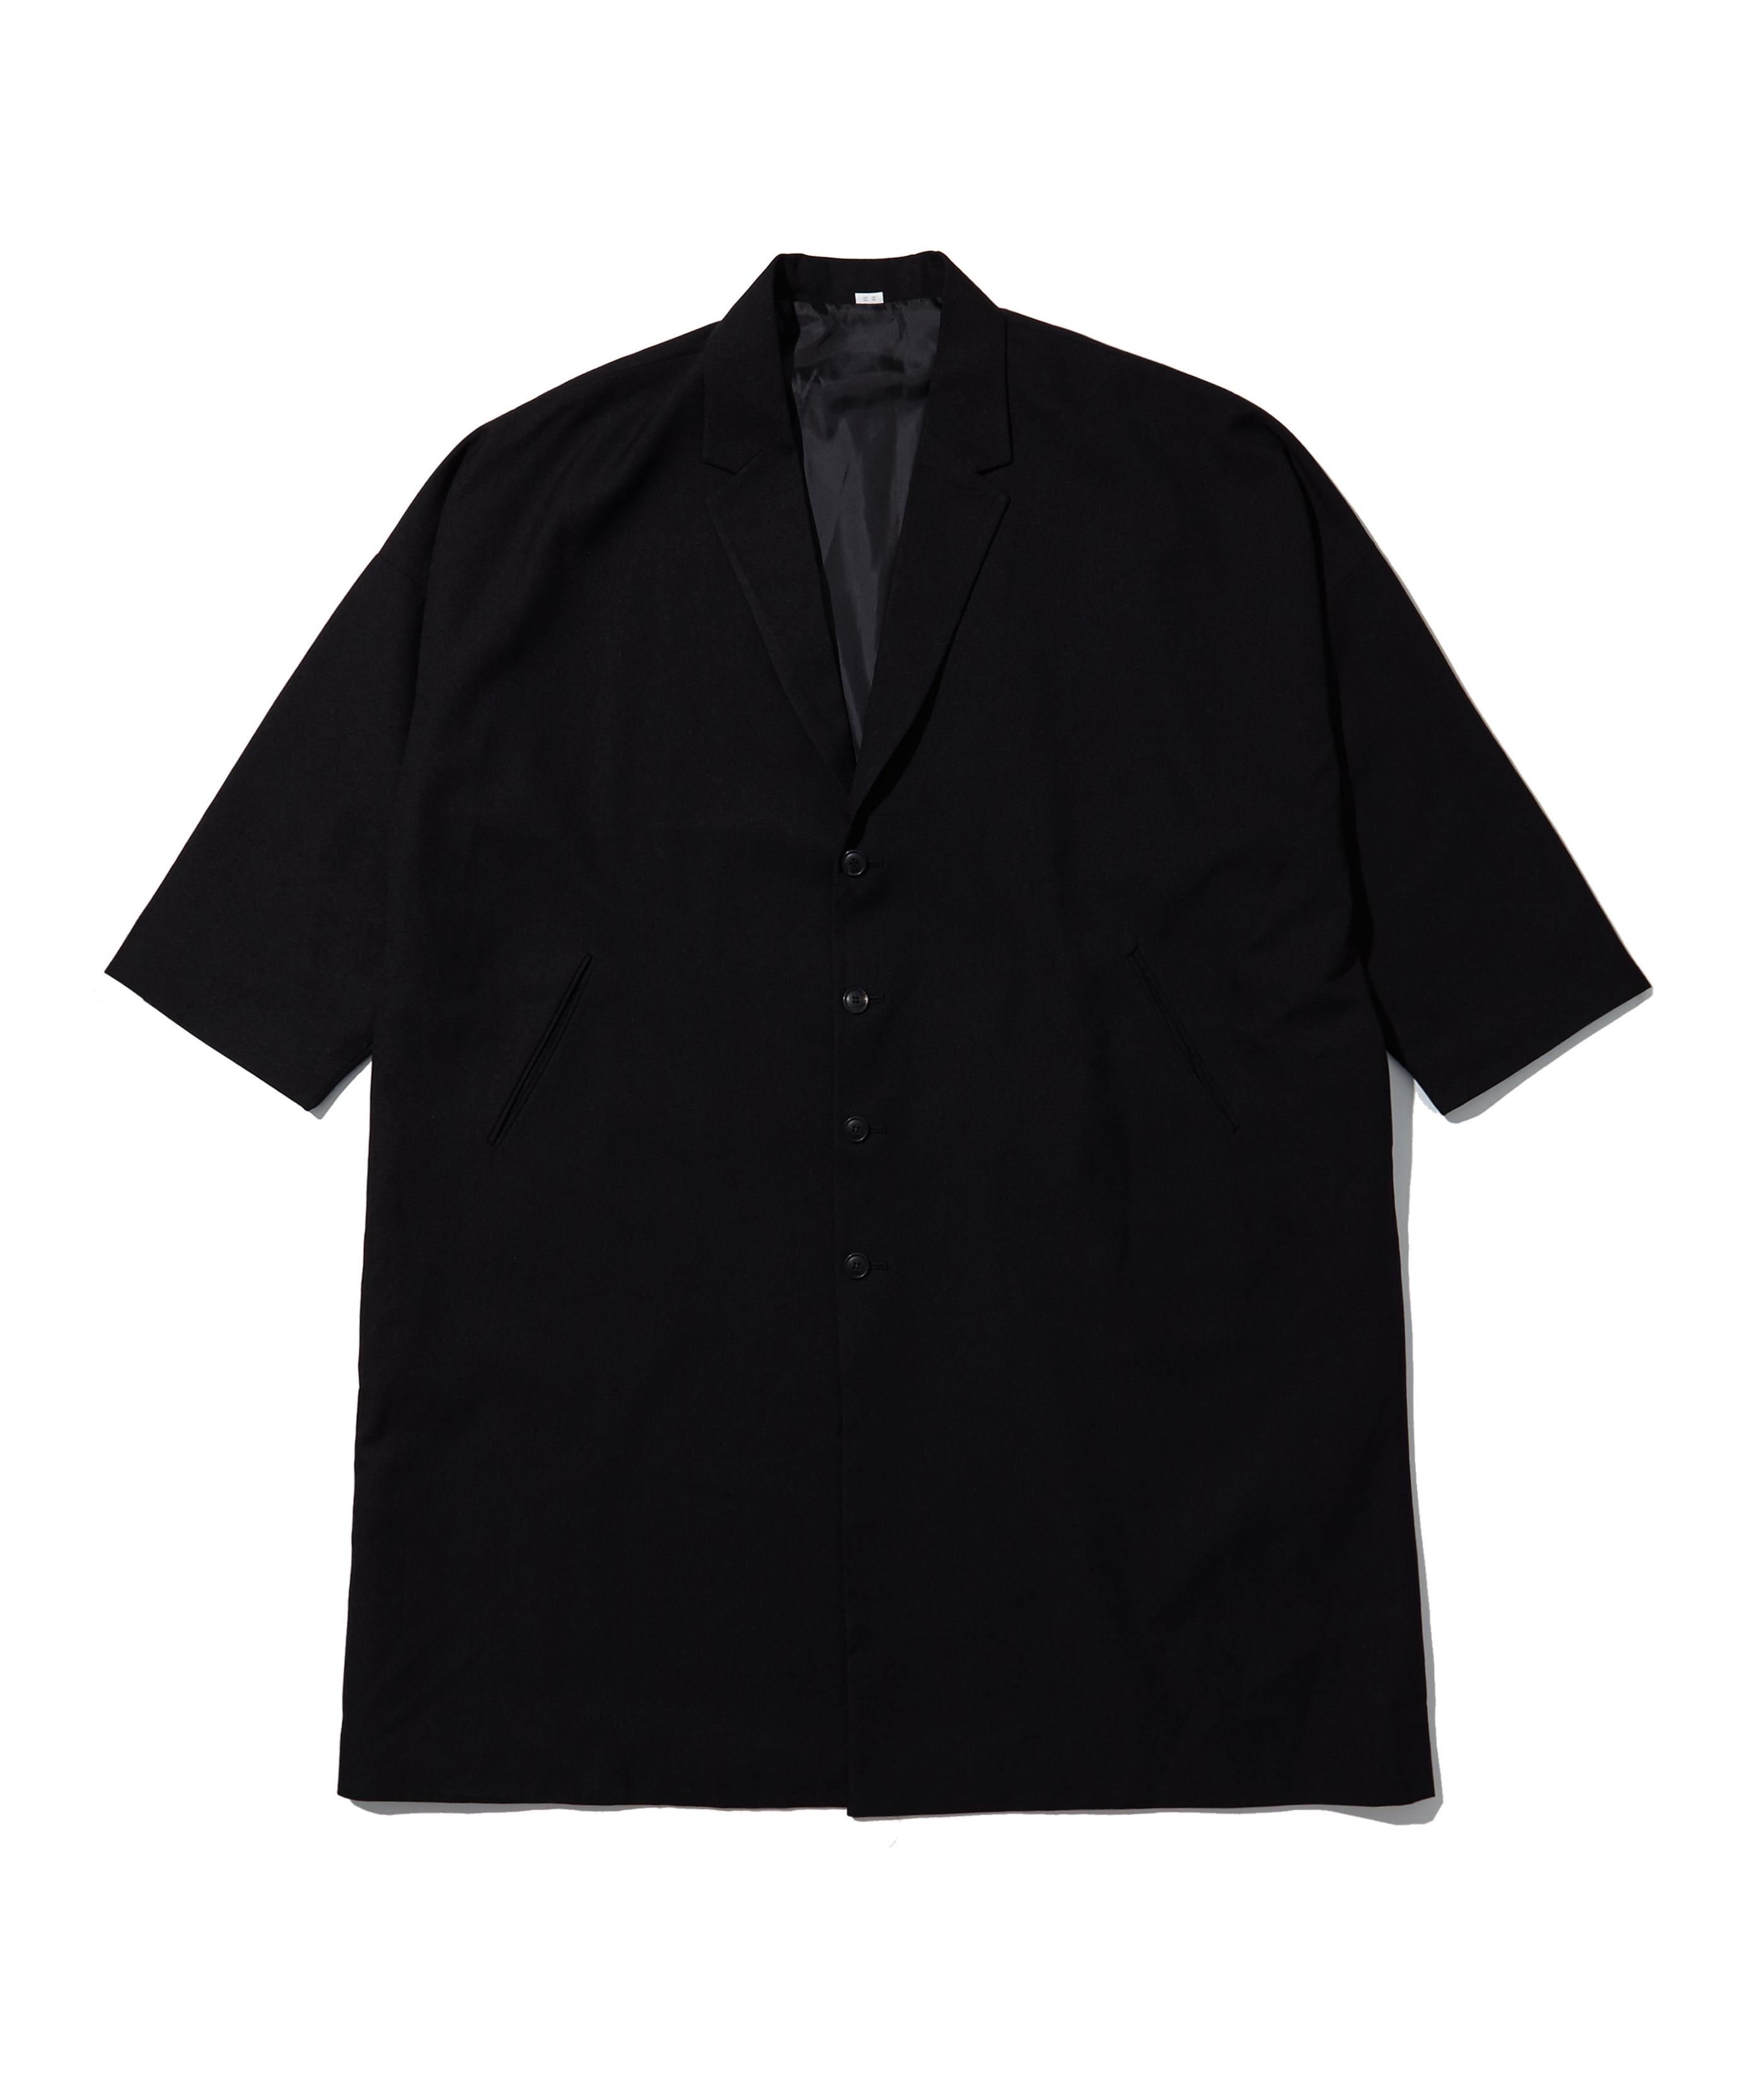 플로우 오버 싱글 코트 (BLACK)